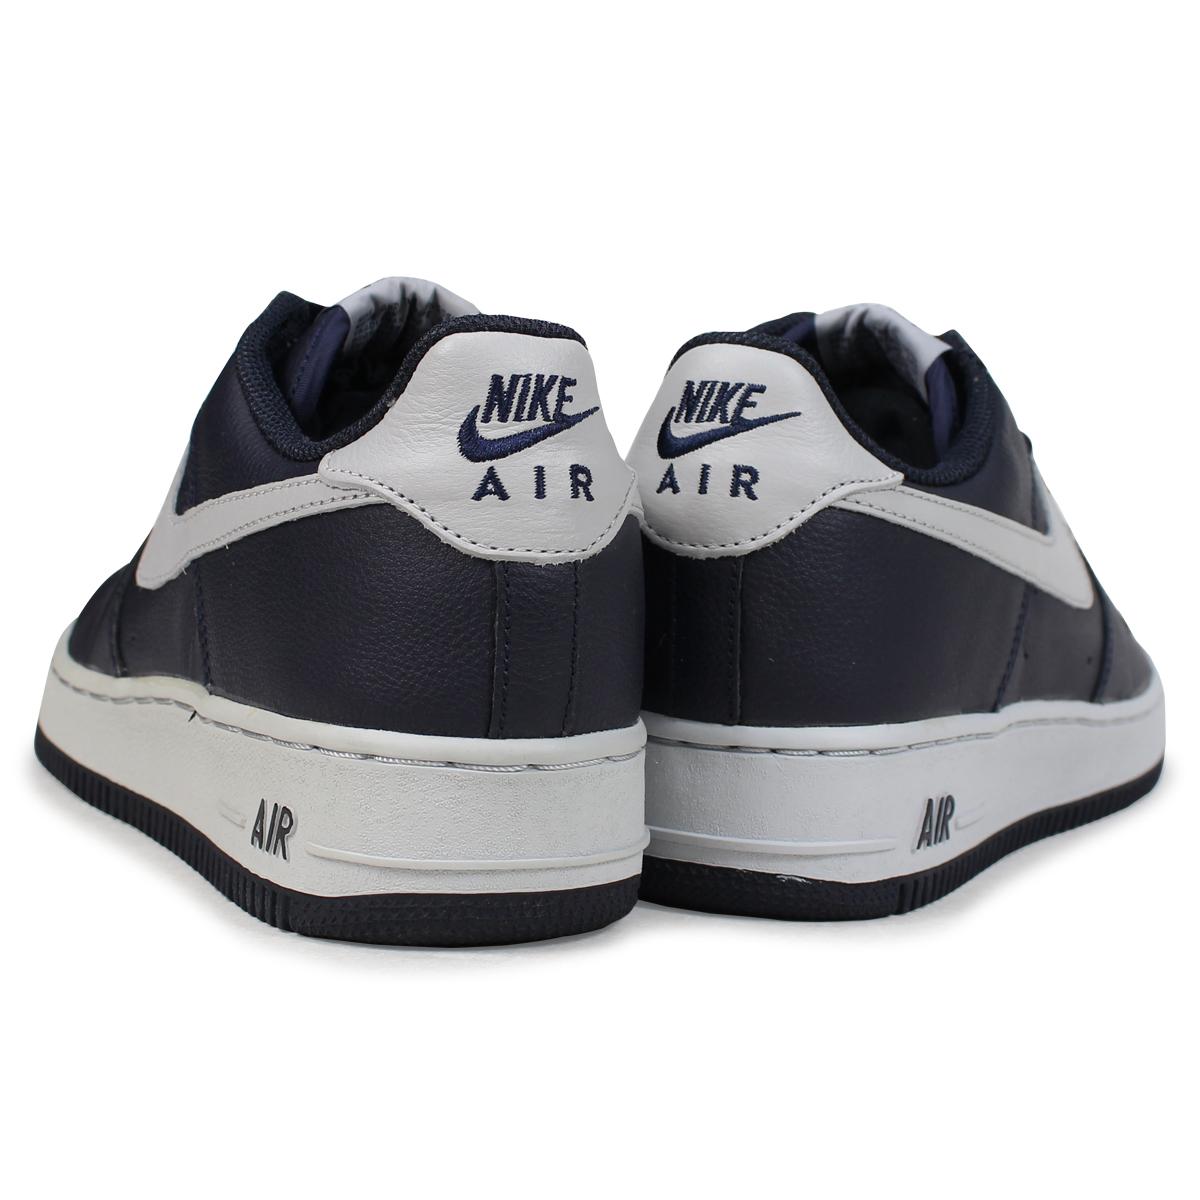 Air Sneakers 305 Men Low 1 Nike 200 401 Force Courir Blue185 xeBoWCQErd